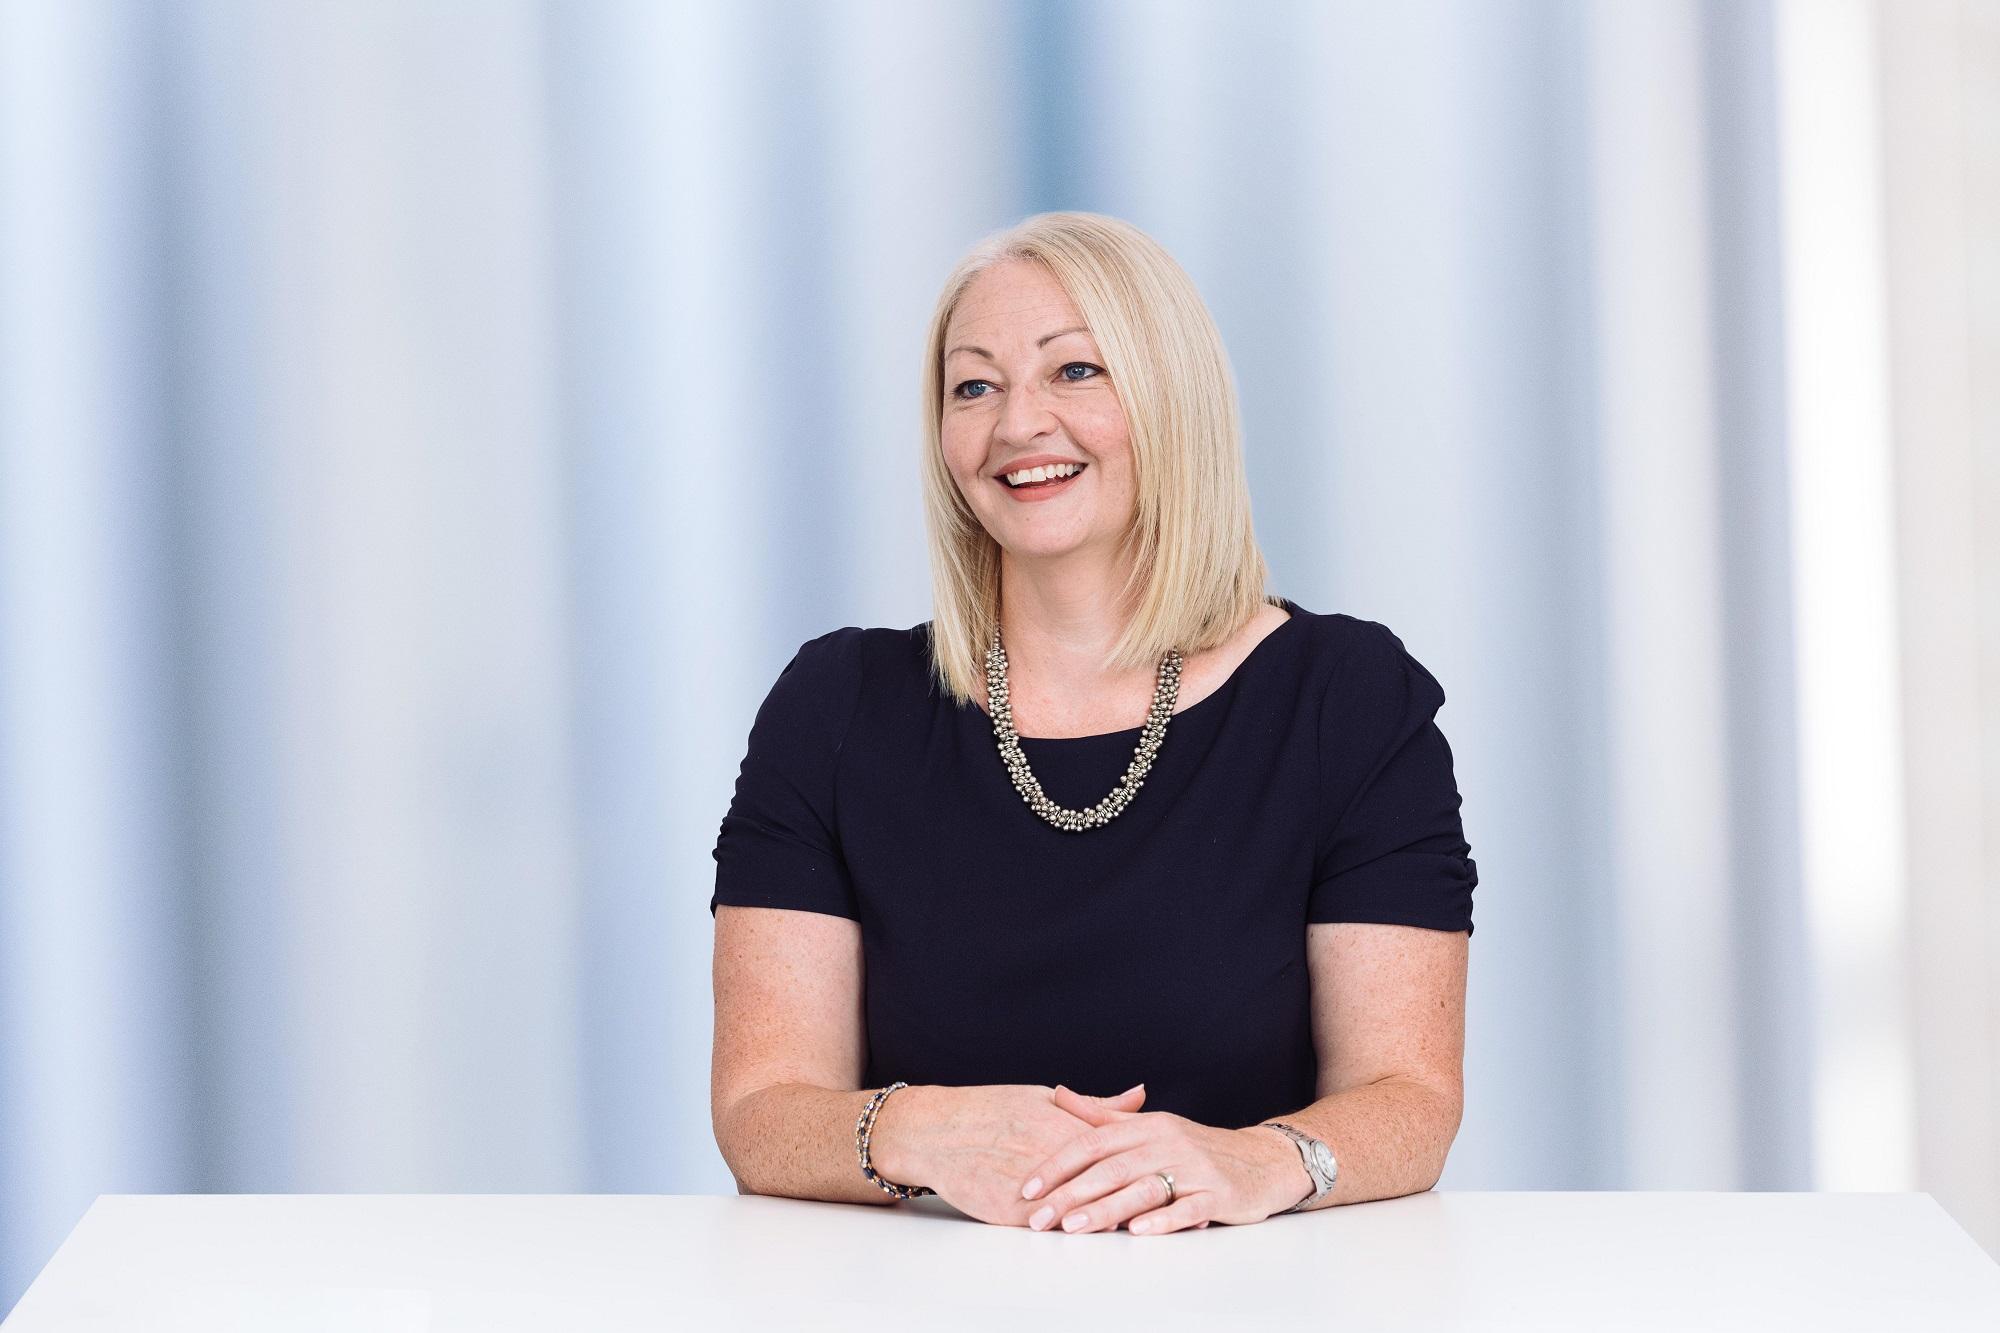 Caroline Lewis – sales director at Tiger